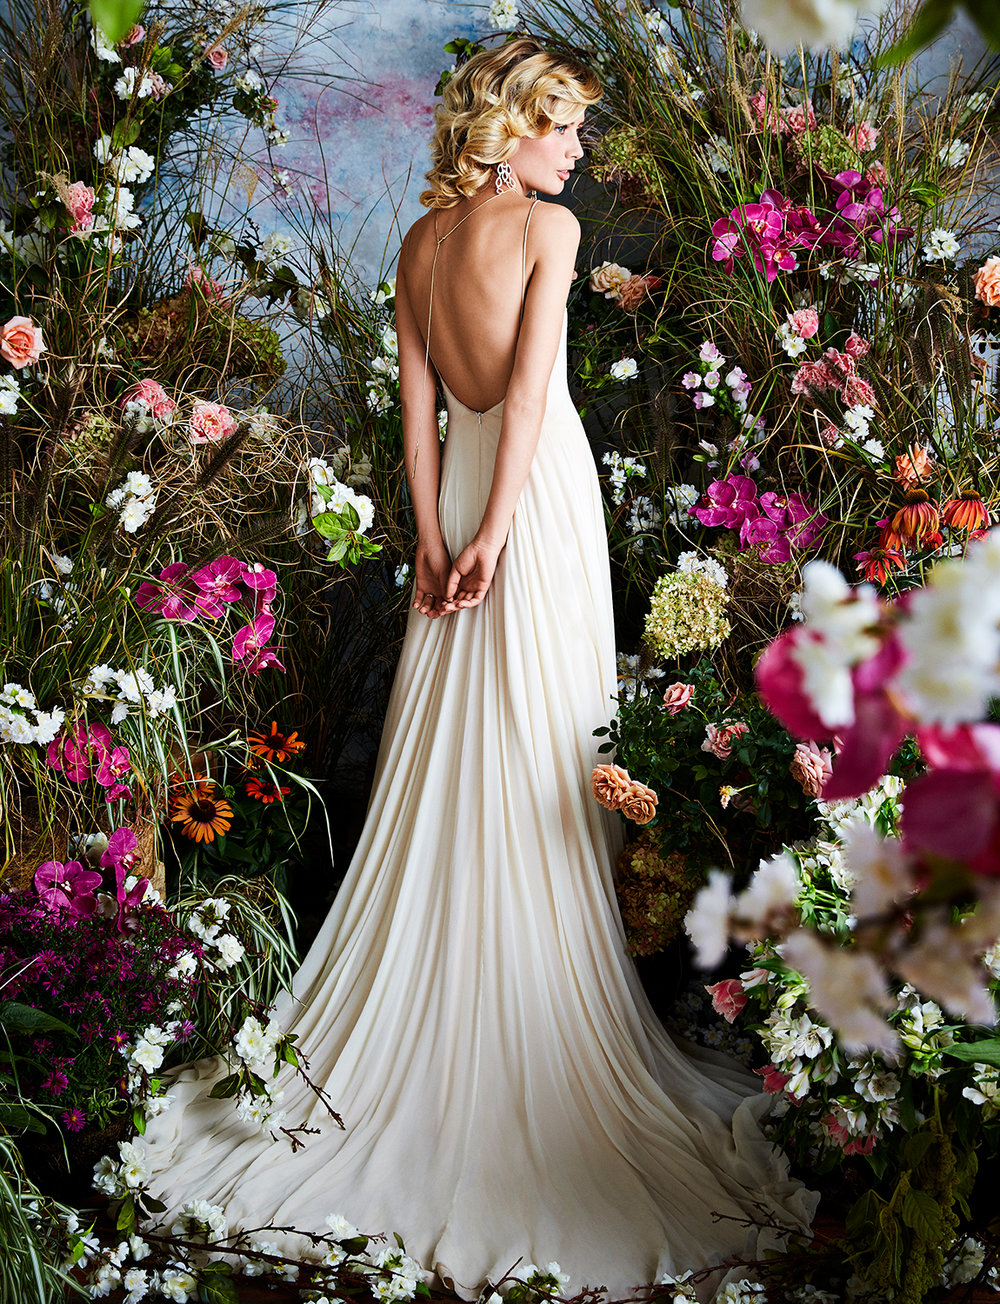 170406_BridalEditorial_BridalFashion_SpringDream_By_BriJohnsonWeddings_0002.jpg